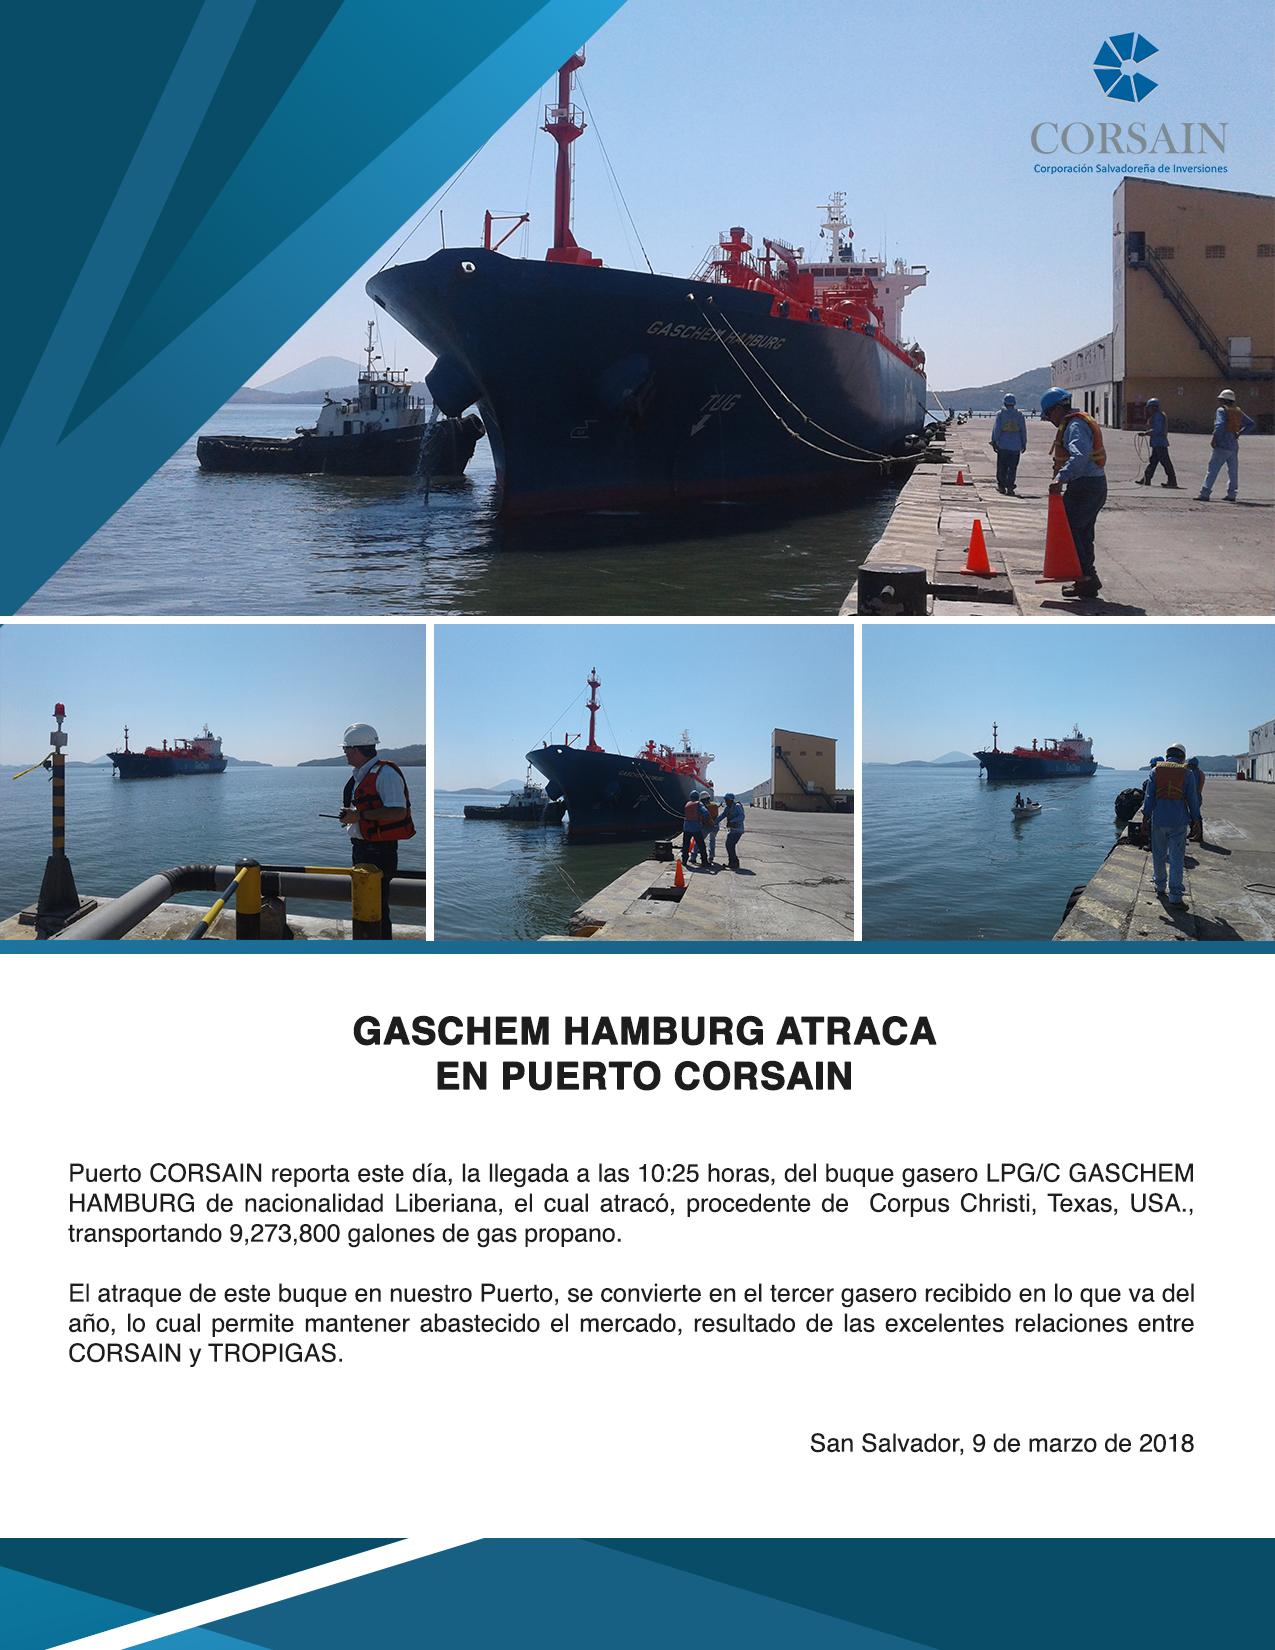 gaschem-atraca-en-puerto